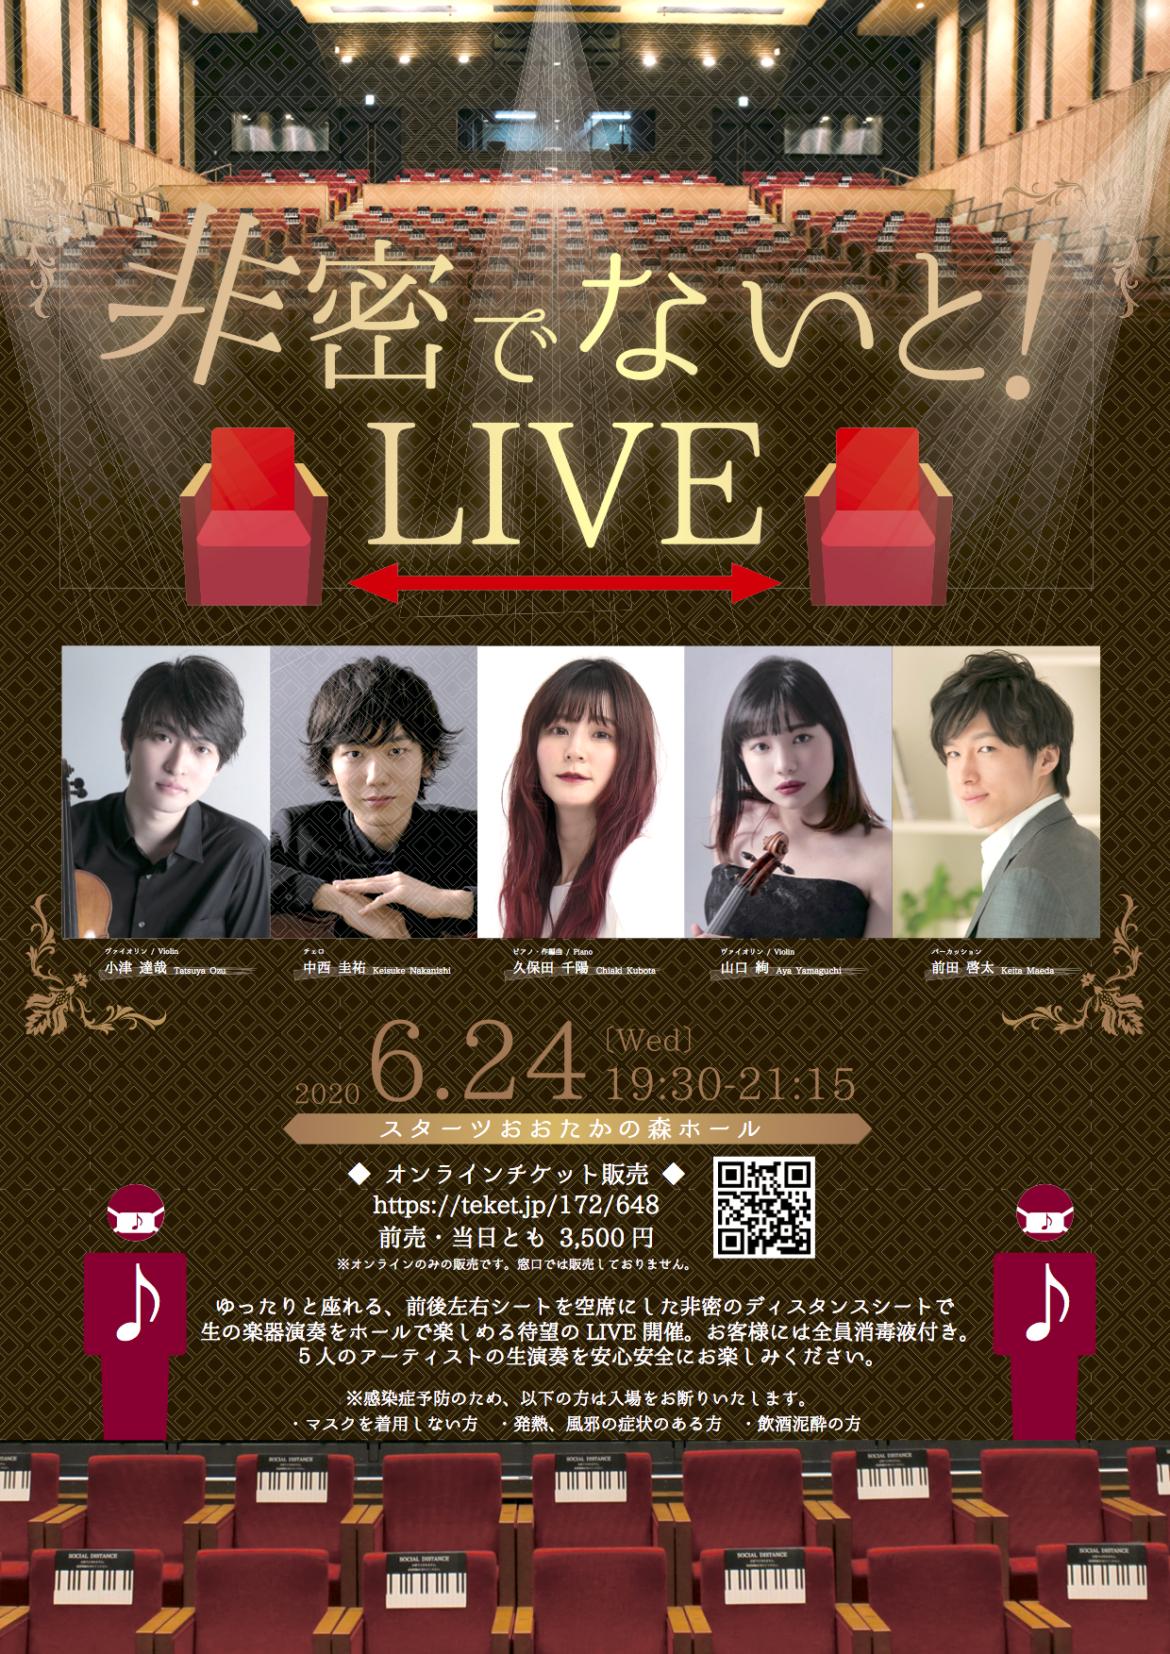 2020.6.24 【JPCO出演】非密でないと! LIVE